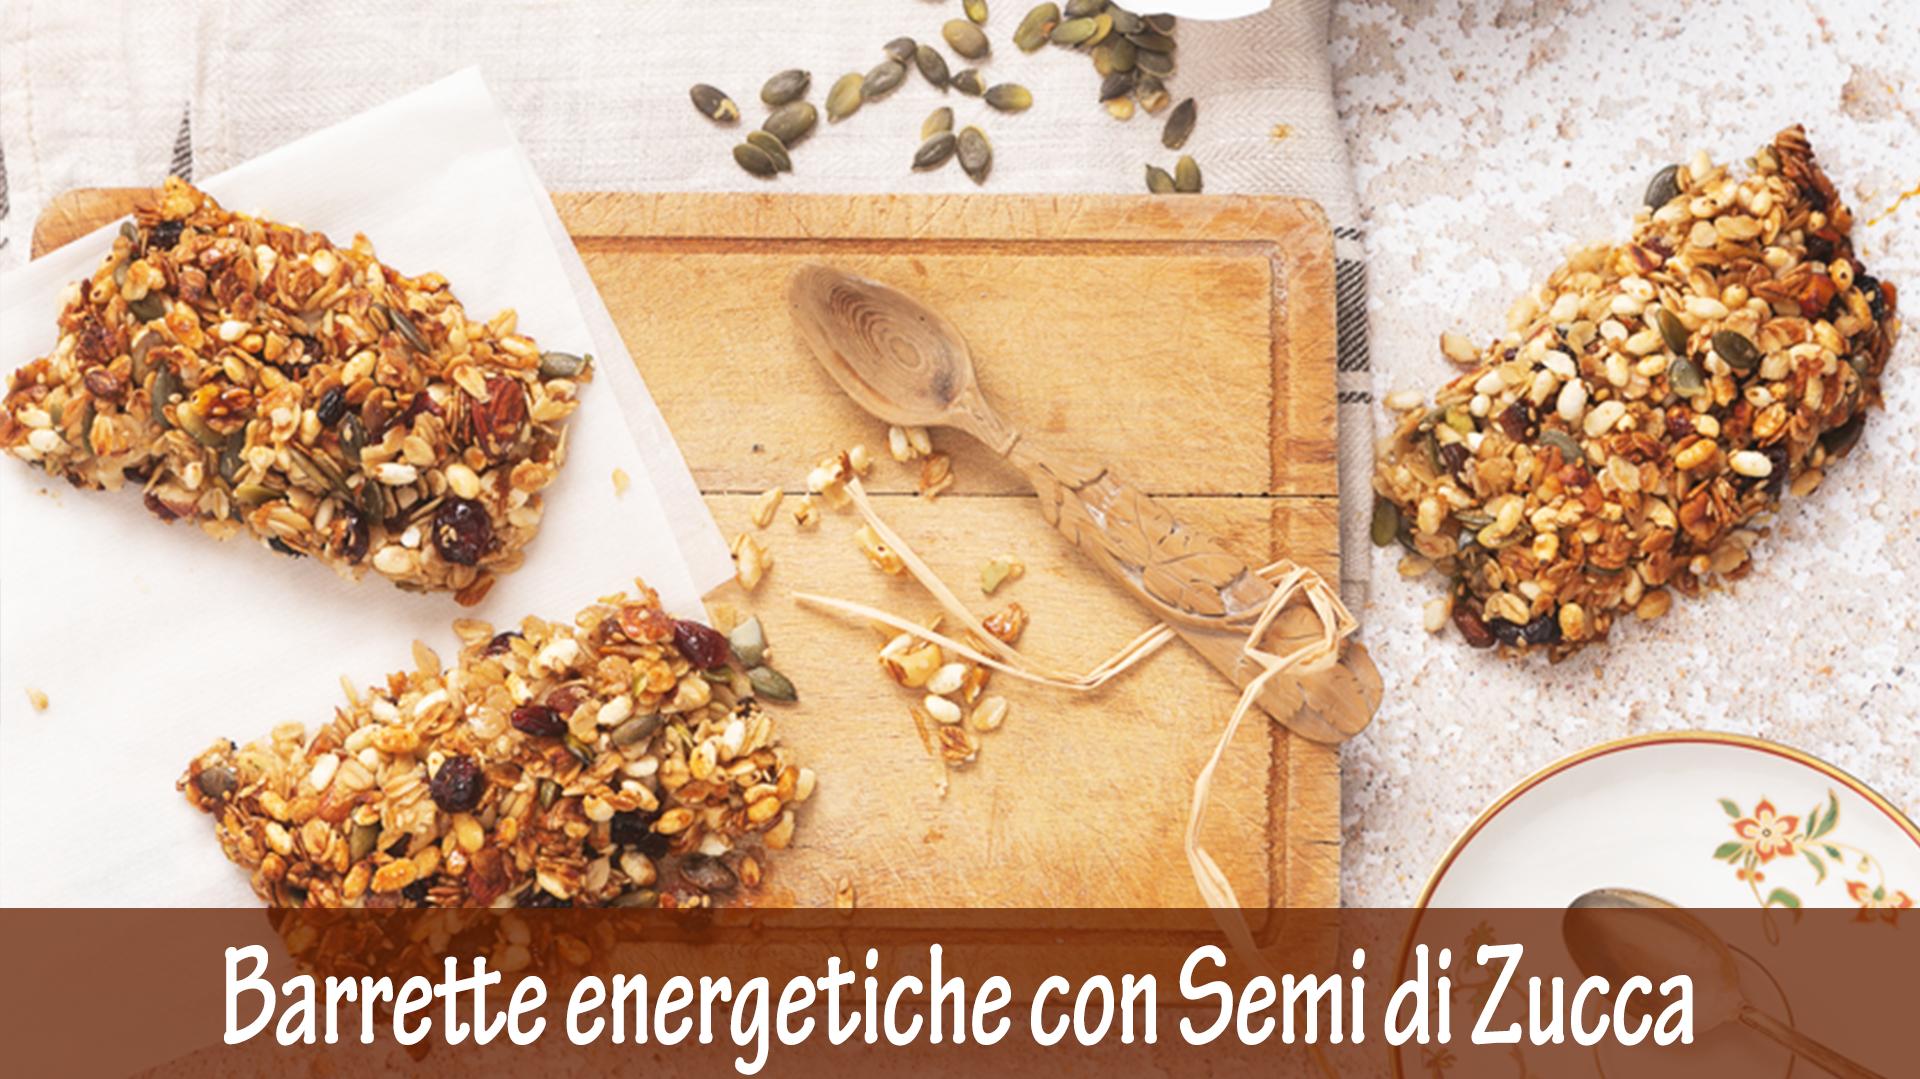 Barrette energetiche con Semi di Zucca e Bacche di Goji